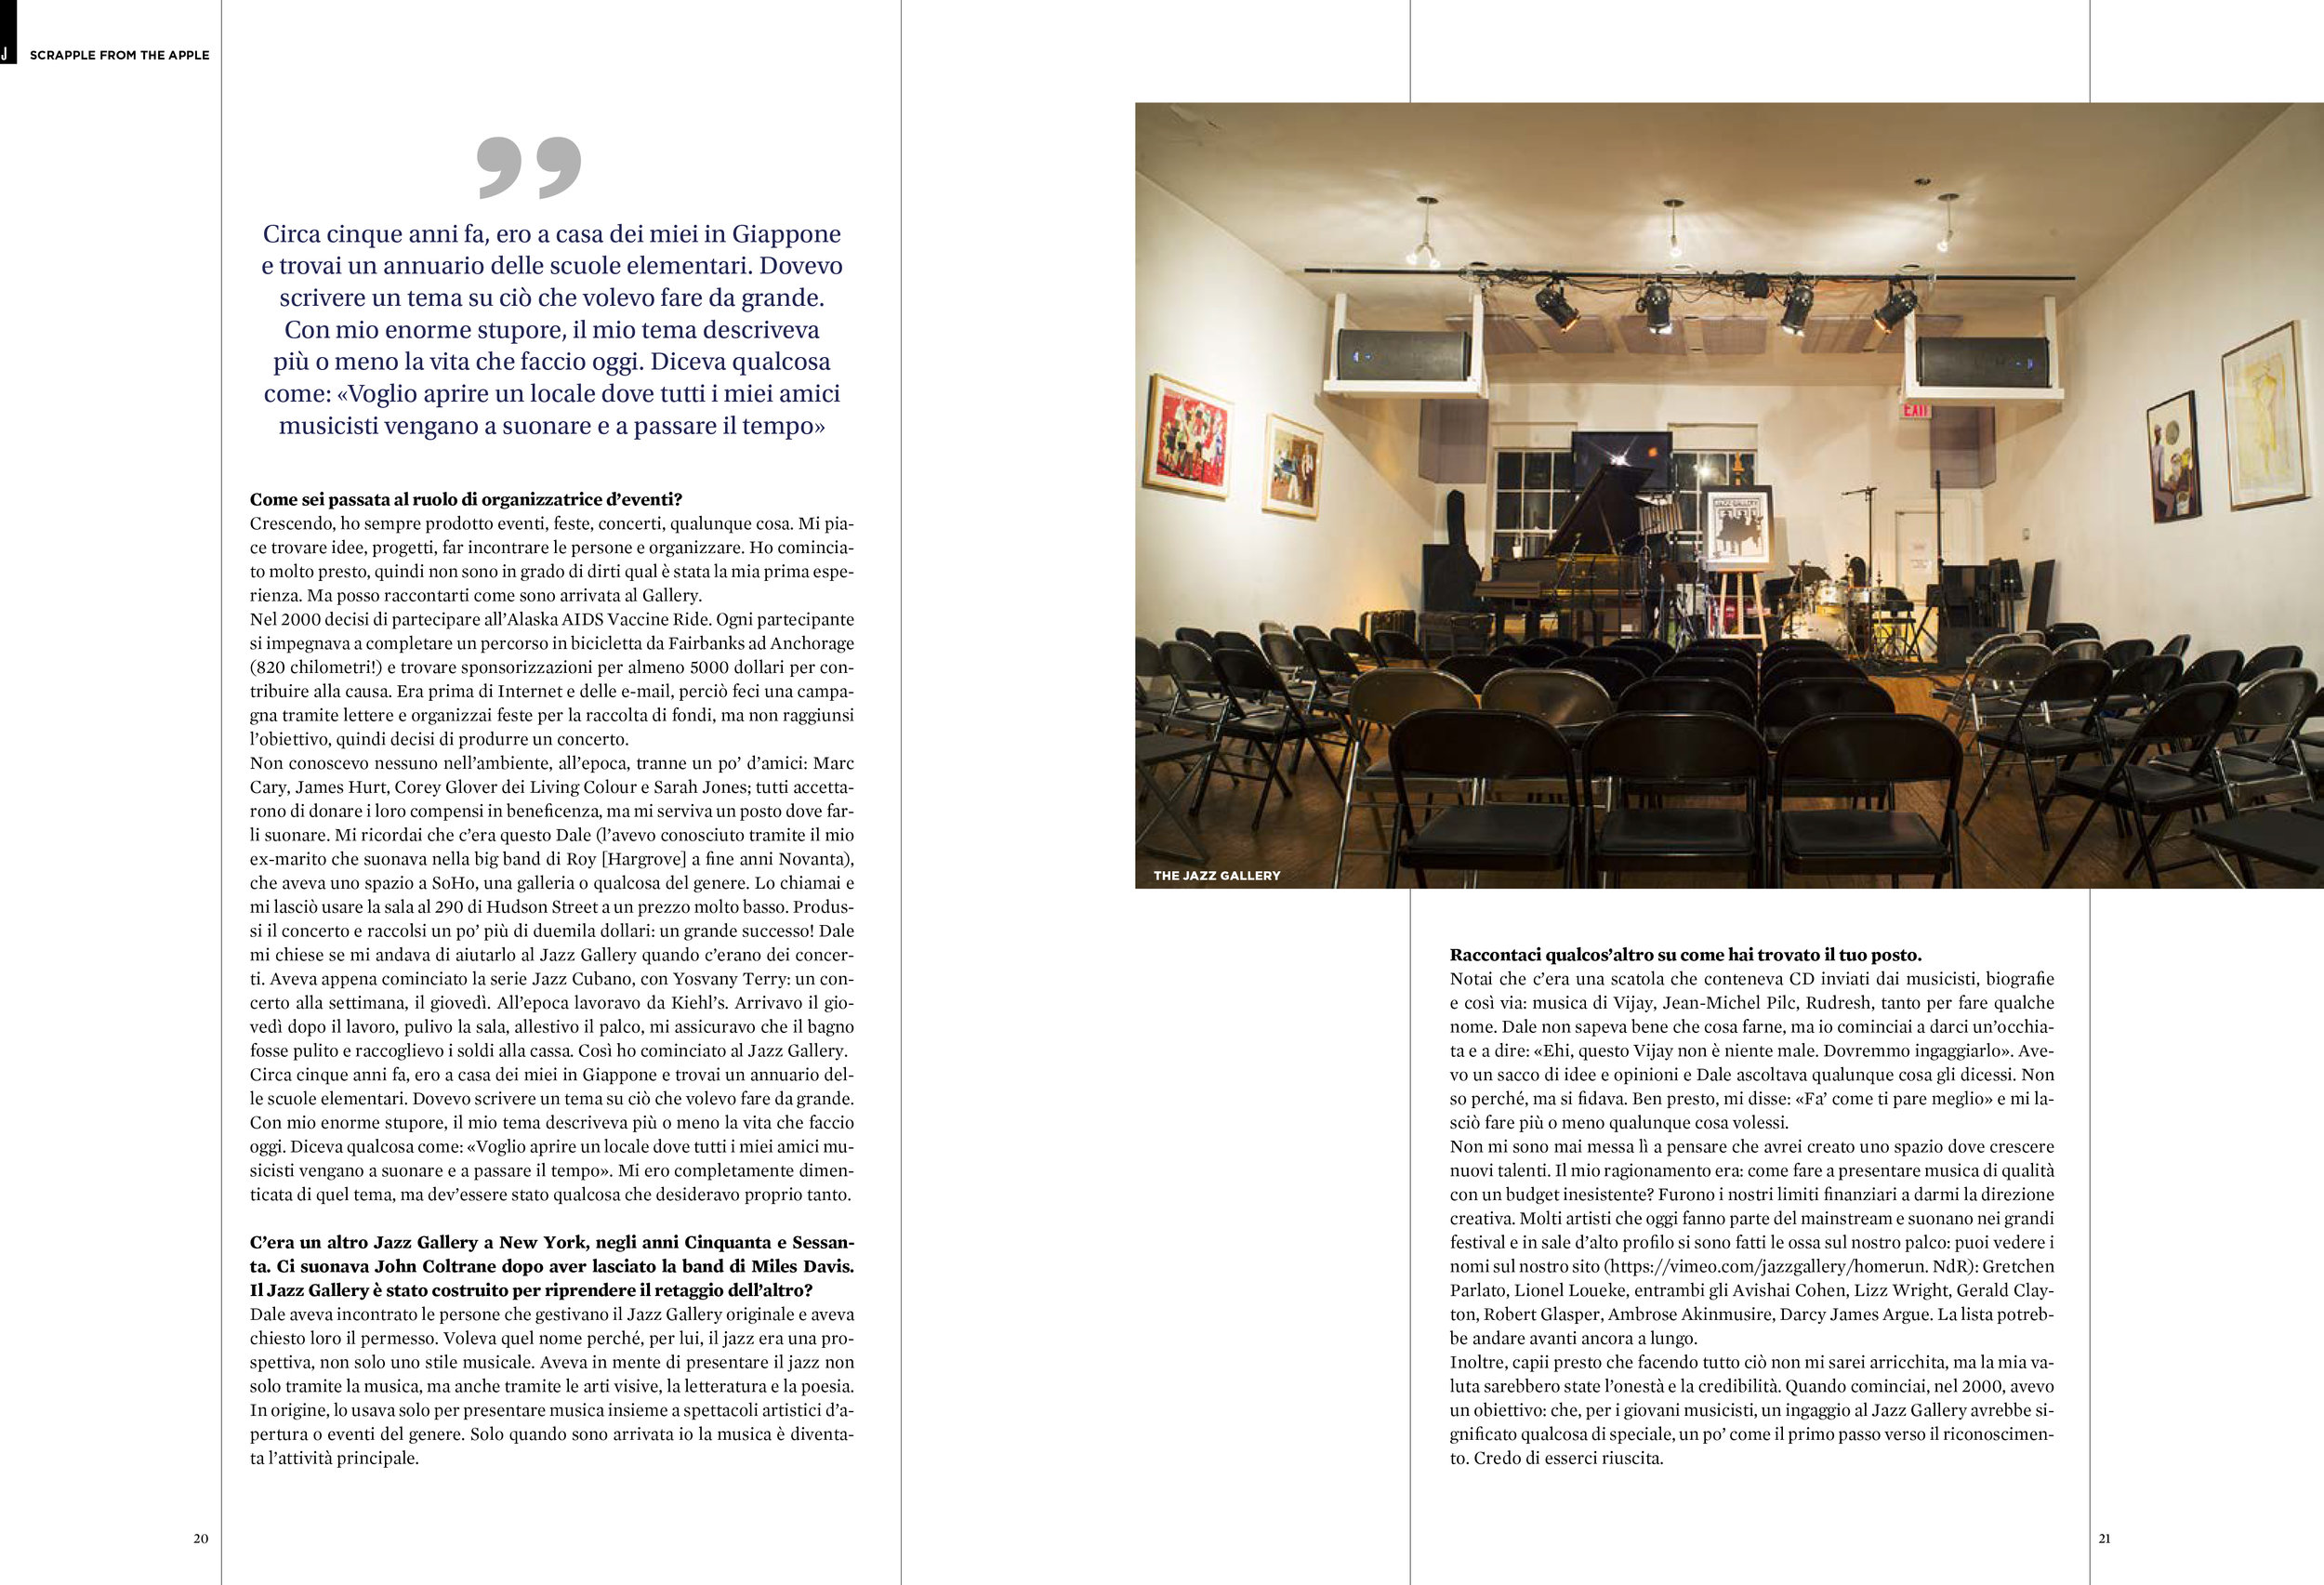 J104_Sakairi.pdf-4.jpg